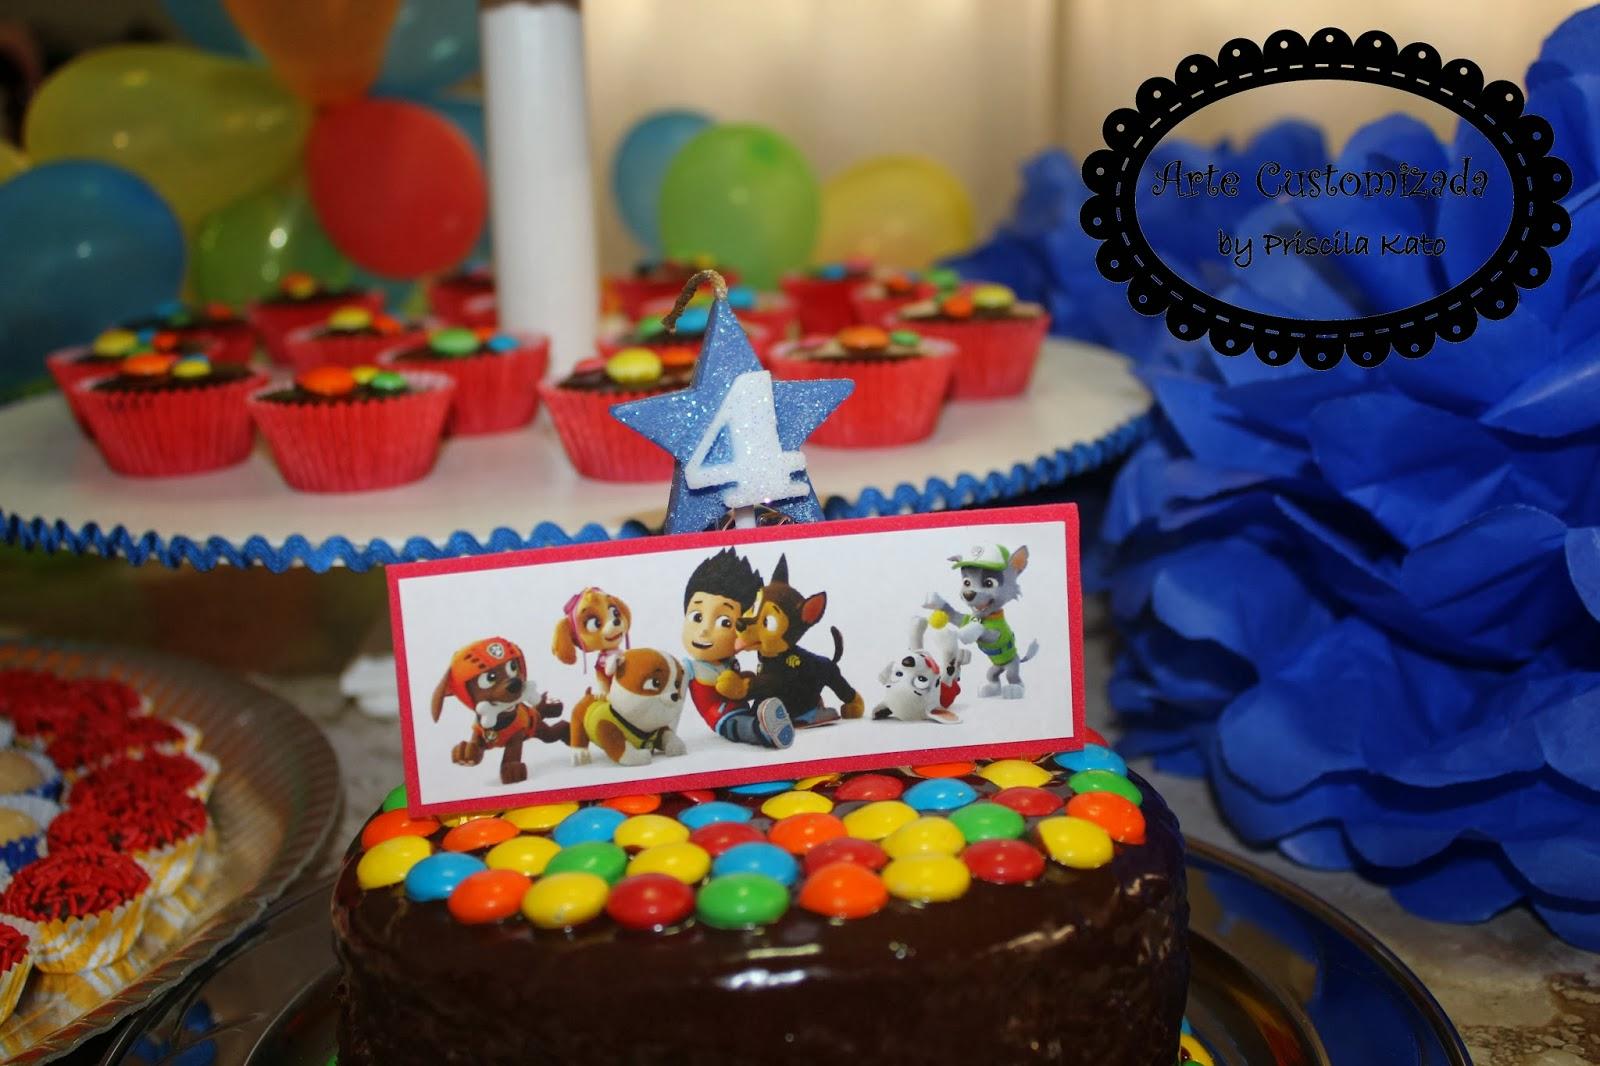 decoracao festa infantil patrulha canina : decoracao festa infantil patrulha canina:Arte Customizada by Priscila Kato: Decoração Festa Patrulha Canina